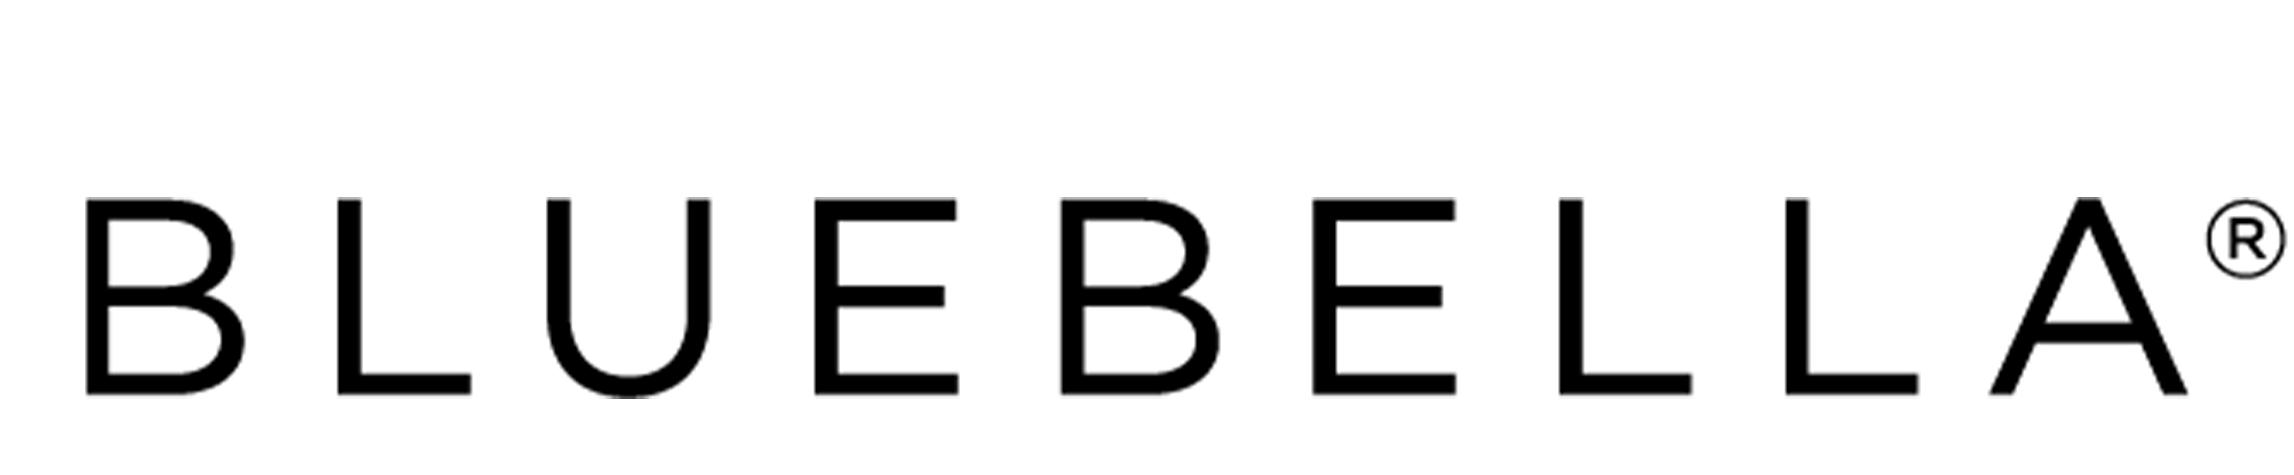 (bluebella.com Logo)